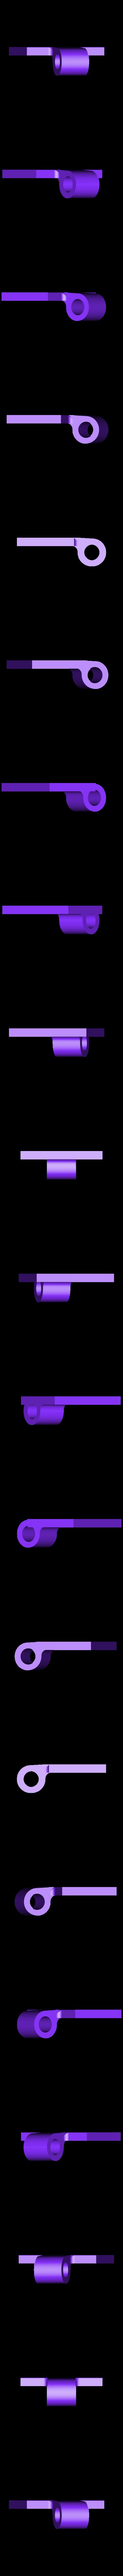 support protect inter dagoma.STL Télécharger fichier STL gratuit protection inter • Plan pour imprimante 3D, robroy